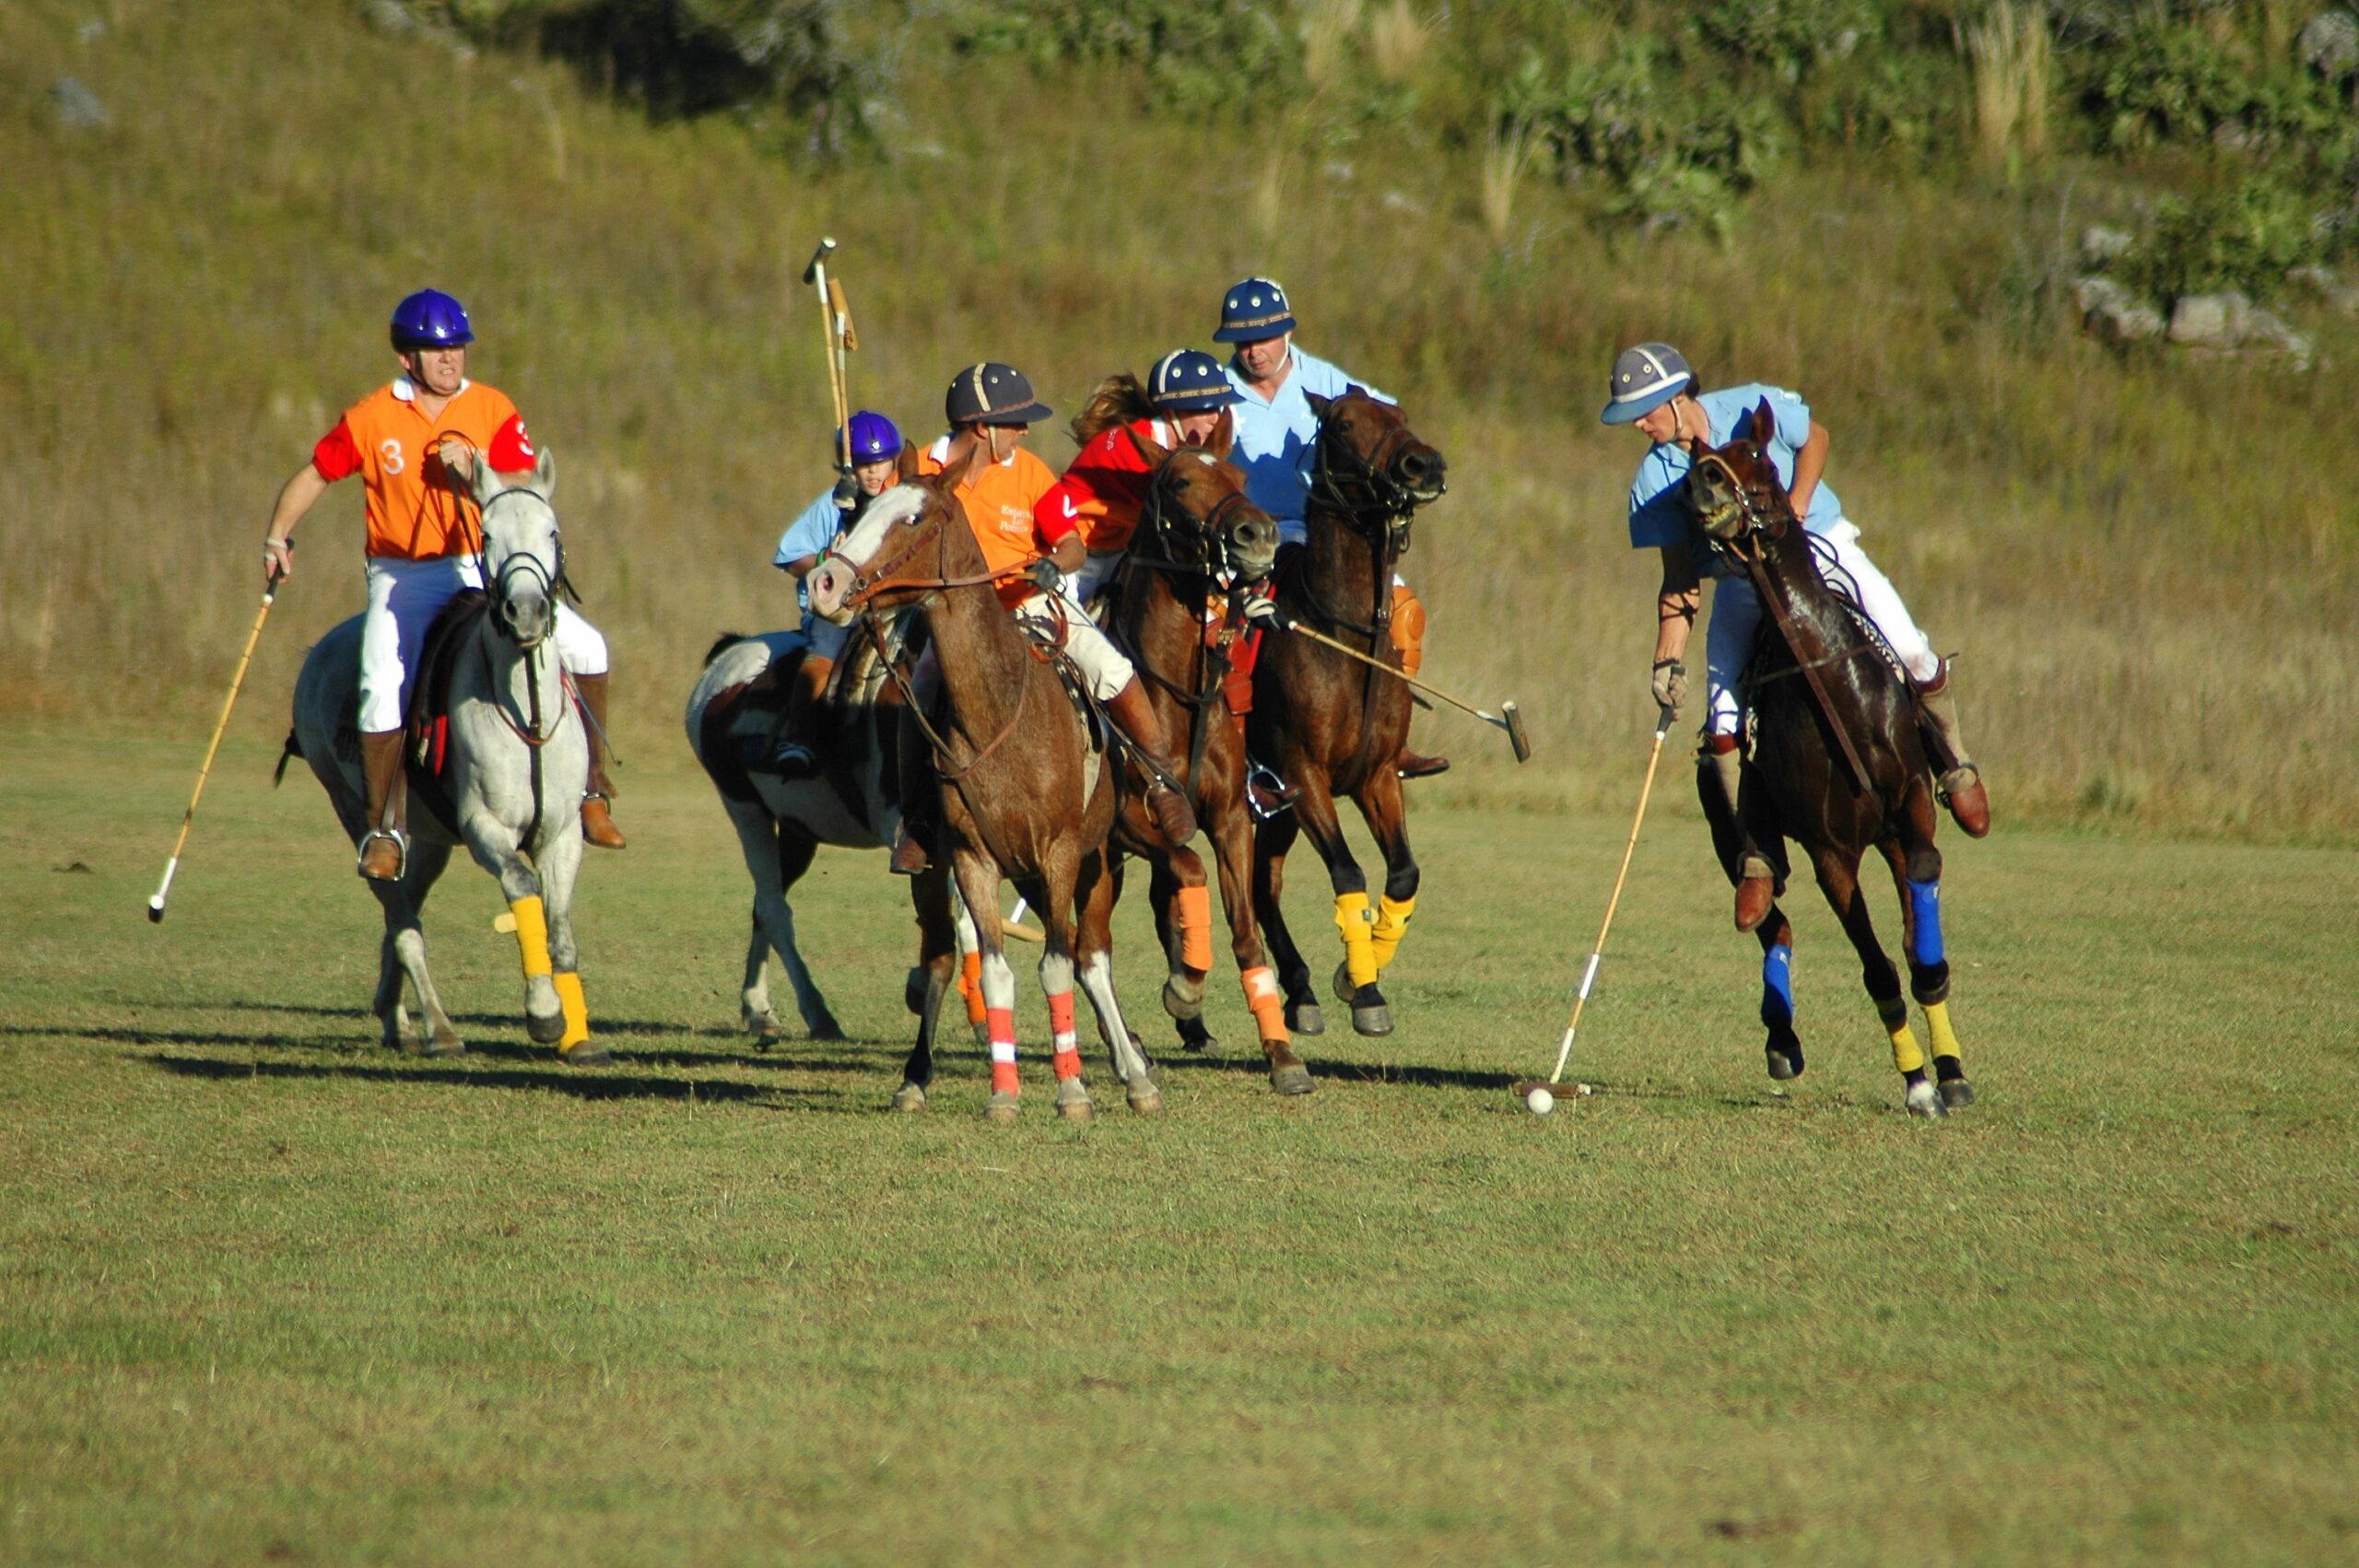 Polo spelen in Argentinië - Vakantie te paard / Reisbureau Perlan